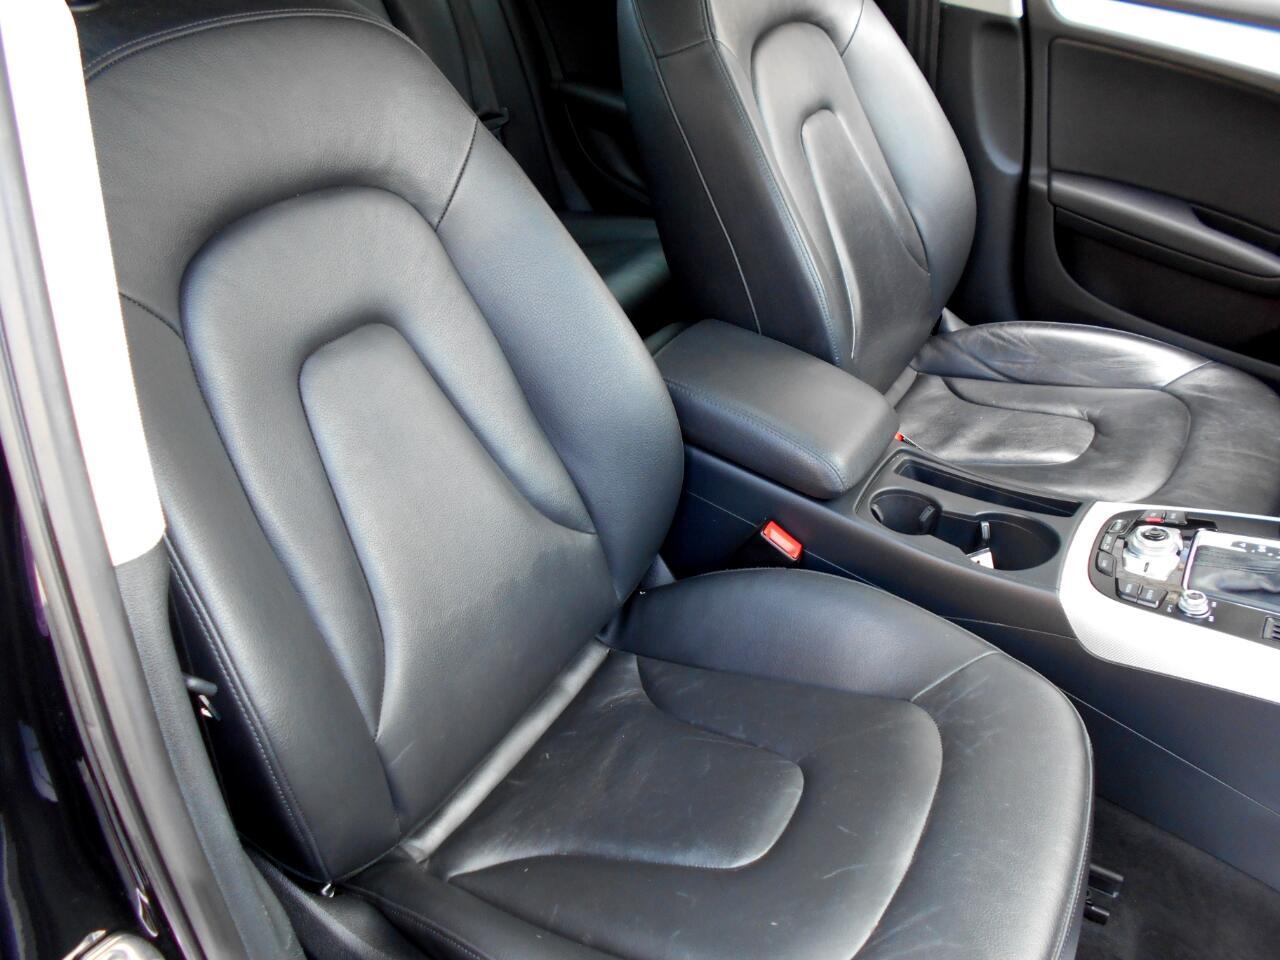 2014 Audi A4 2.0T Sedan quattro Tiptronic